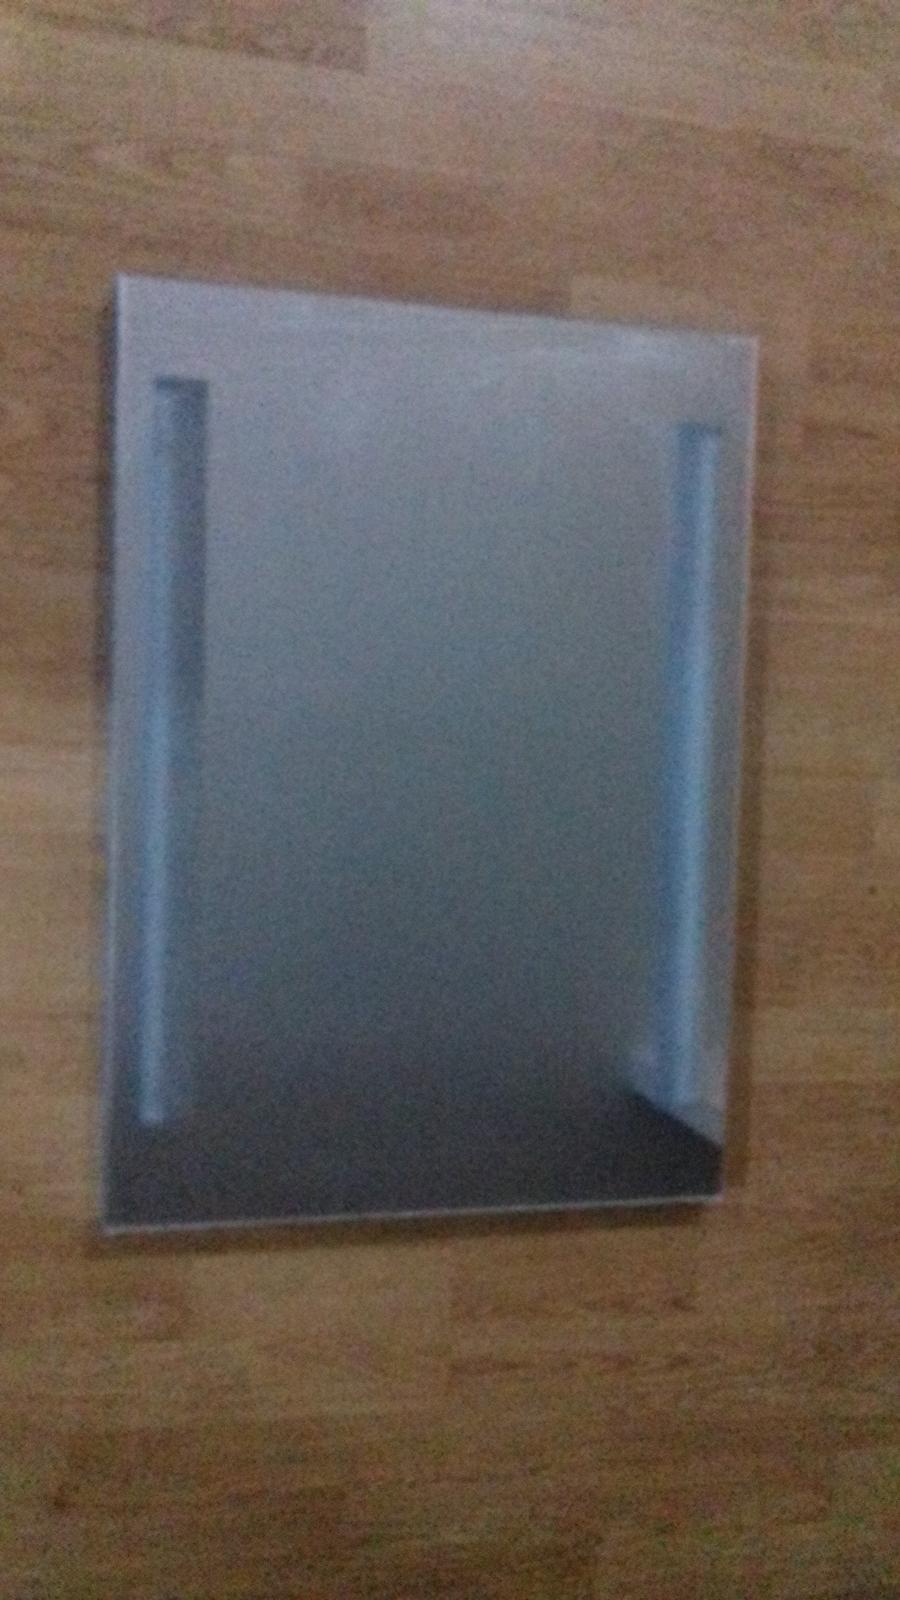 Zrkadlo s LED osvetlením - Obrázok č. 1